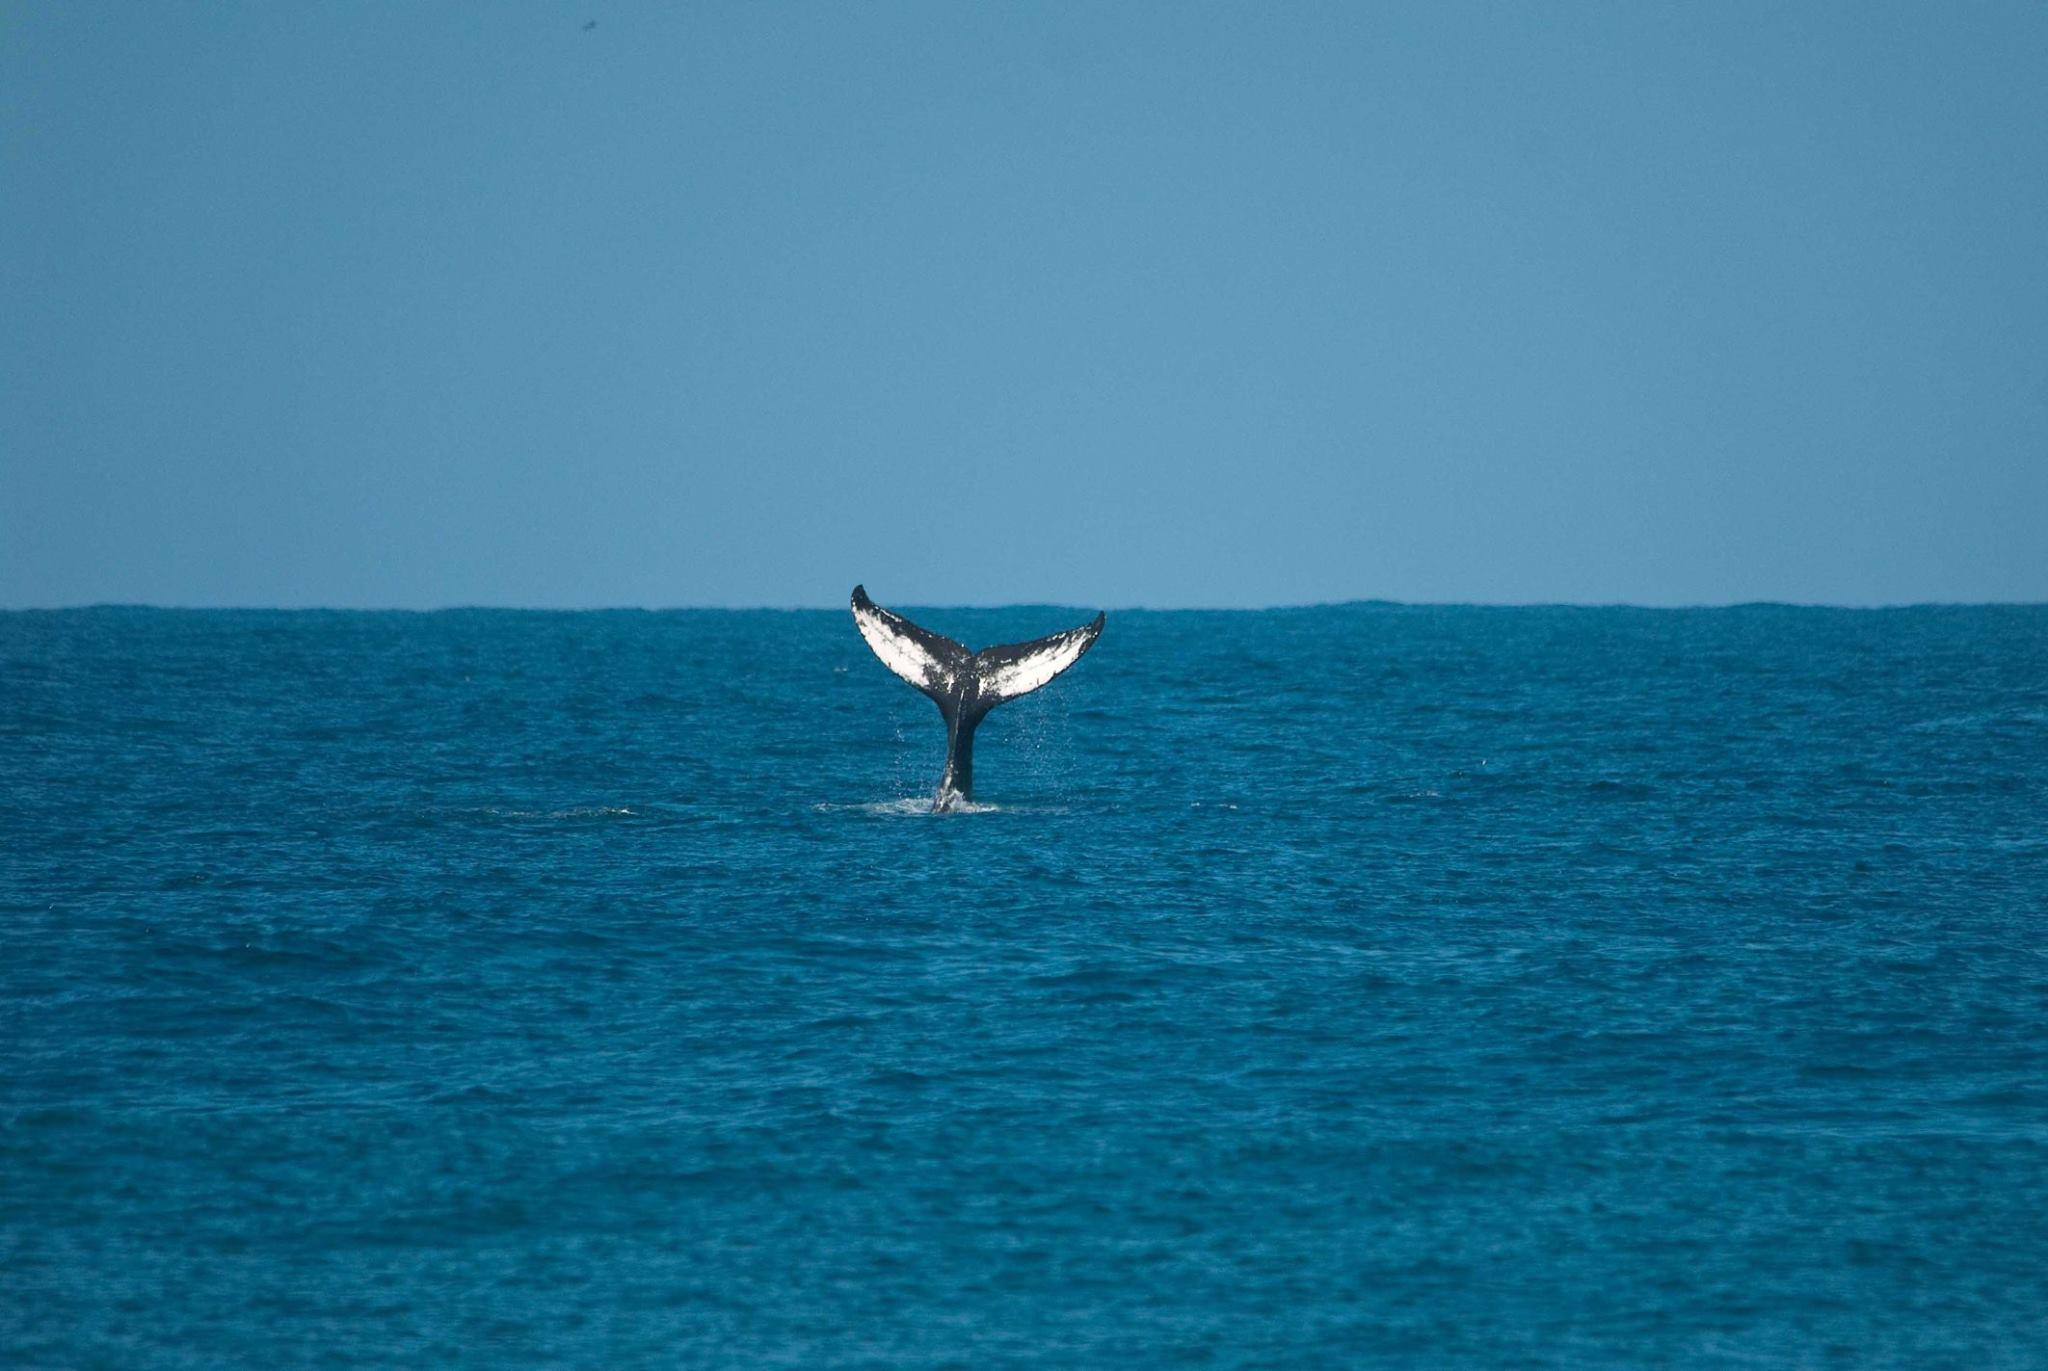 Surfrider-Rincon-whale